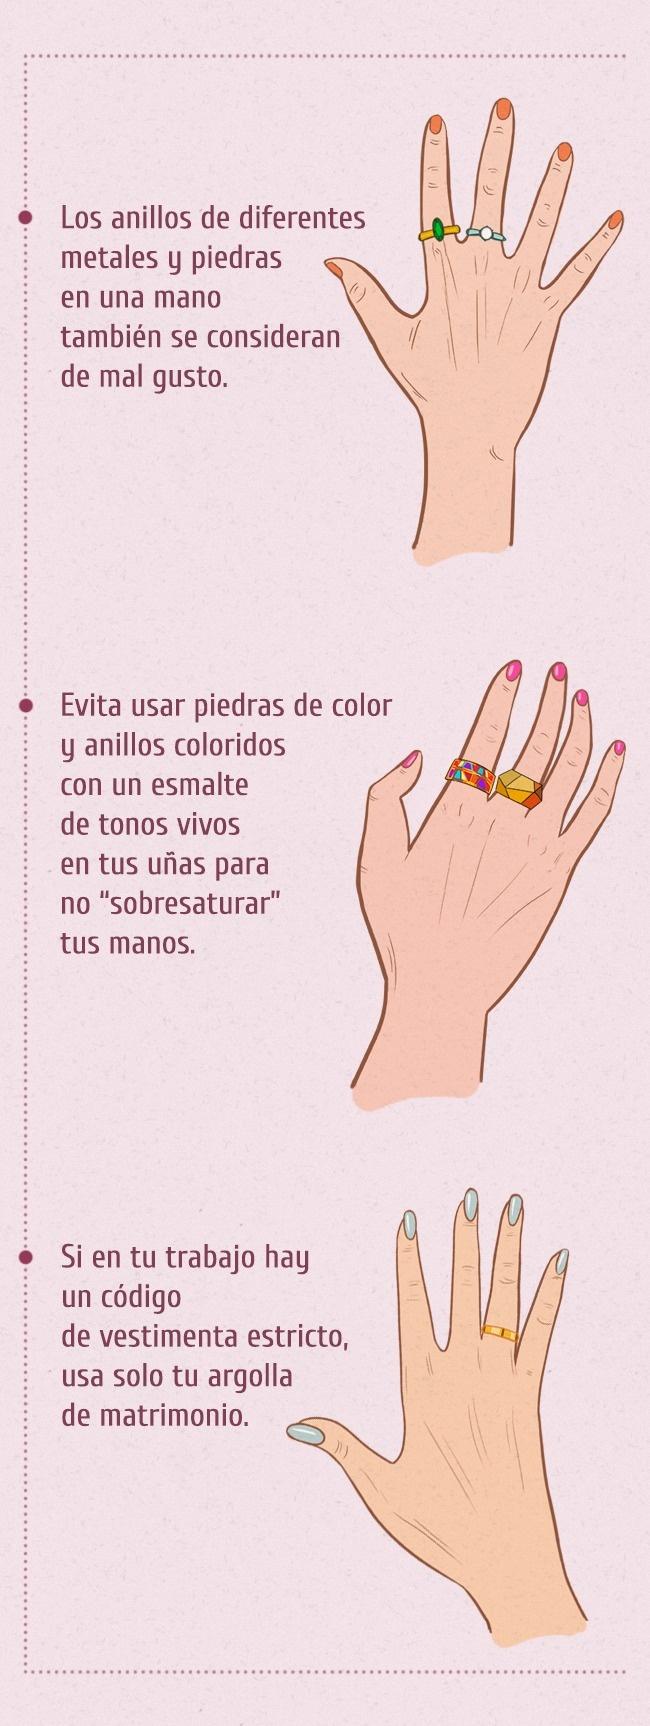 guia anillos 5